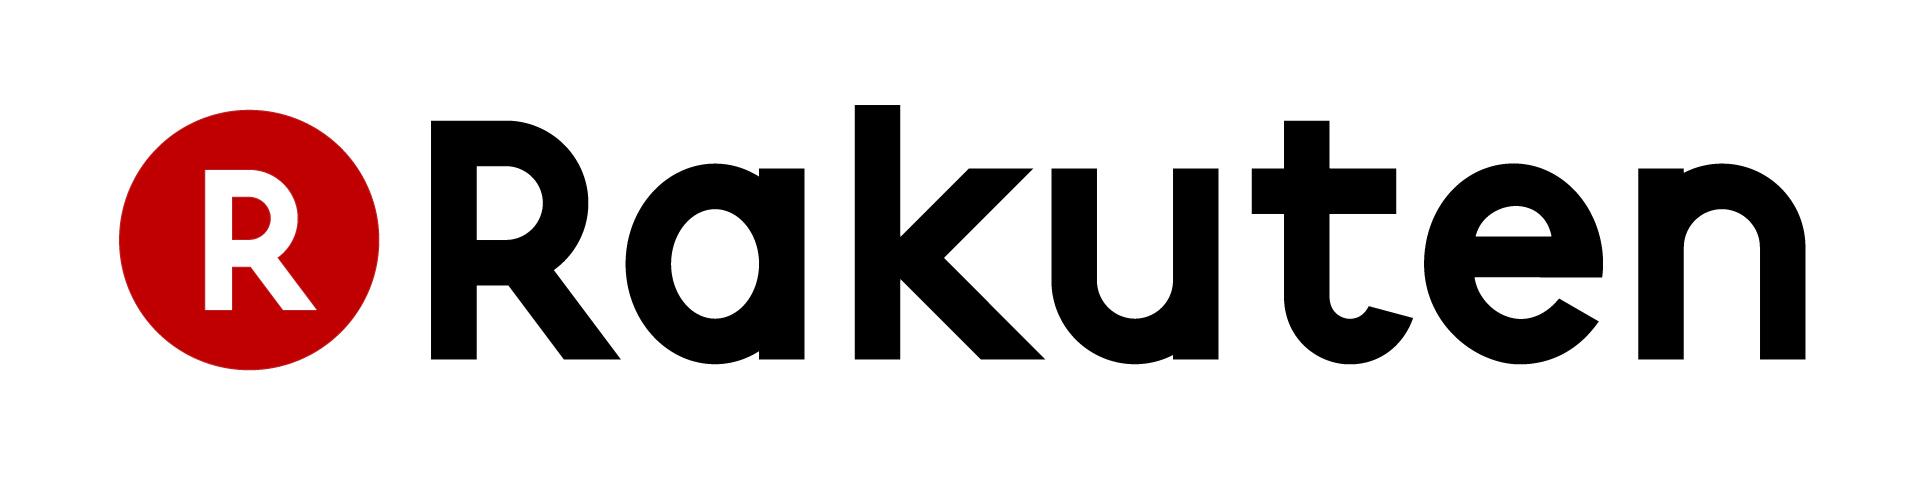 Rakuten new logo